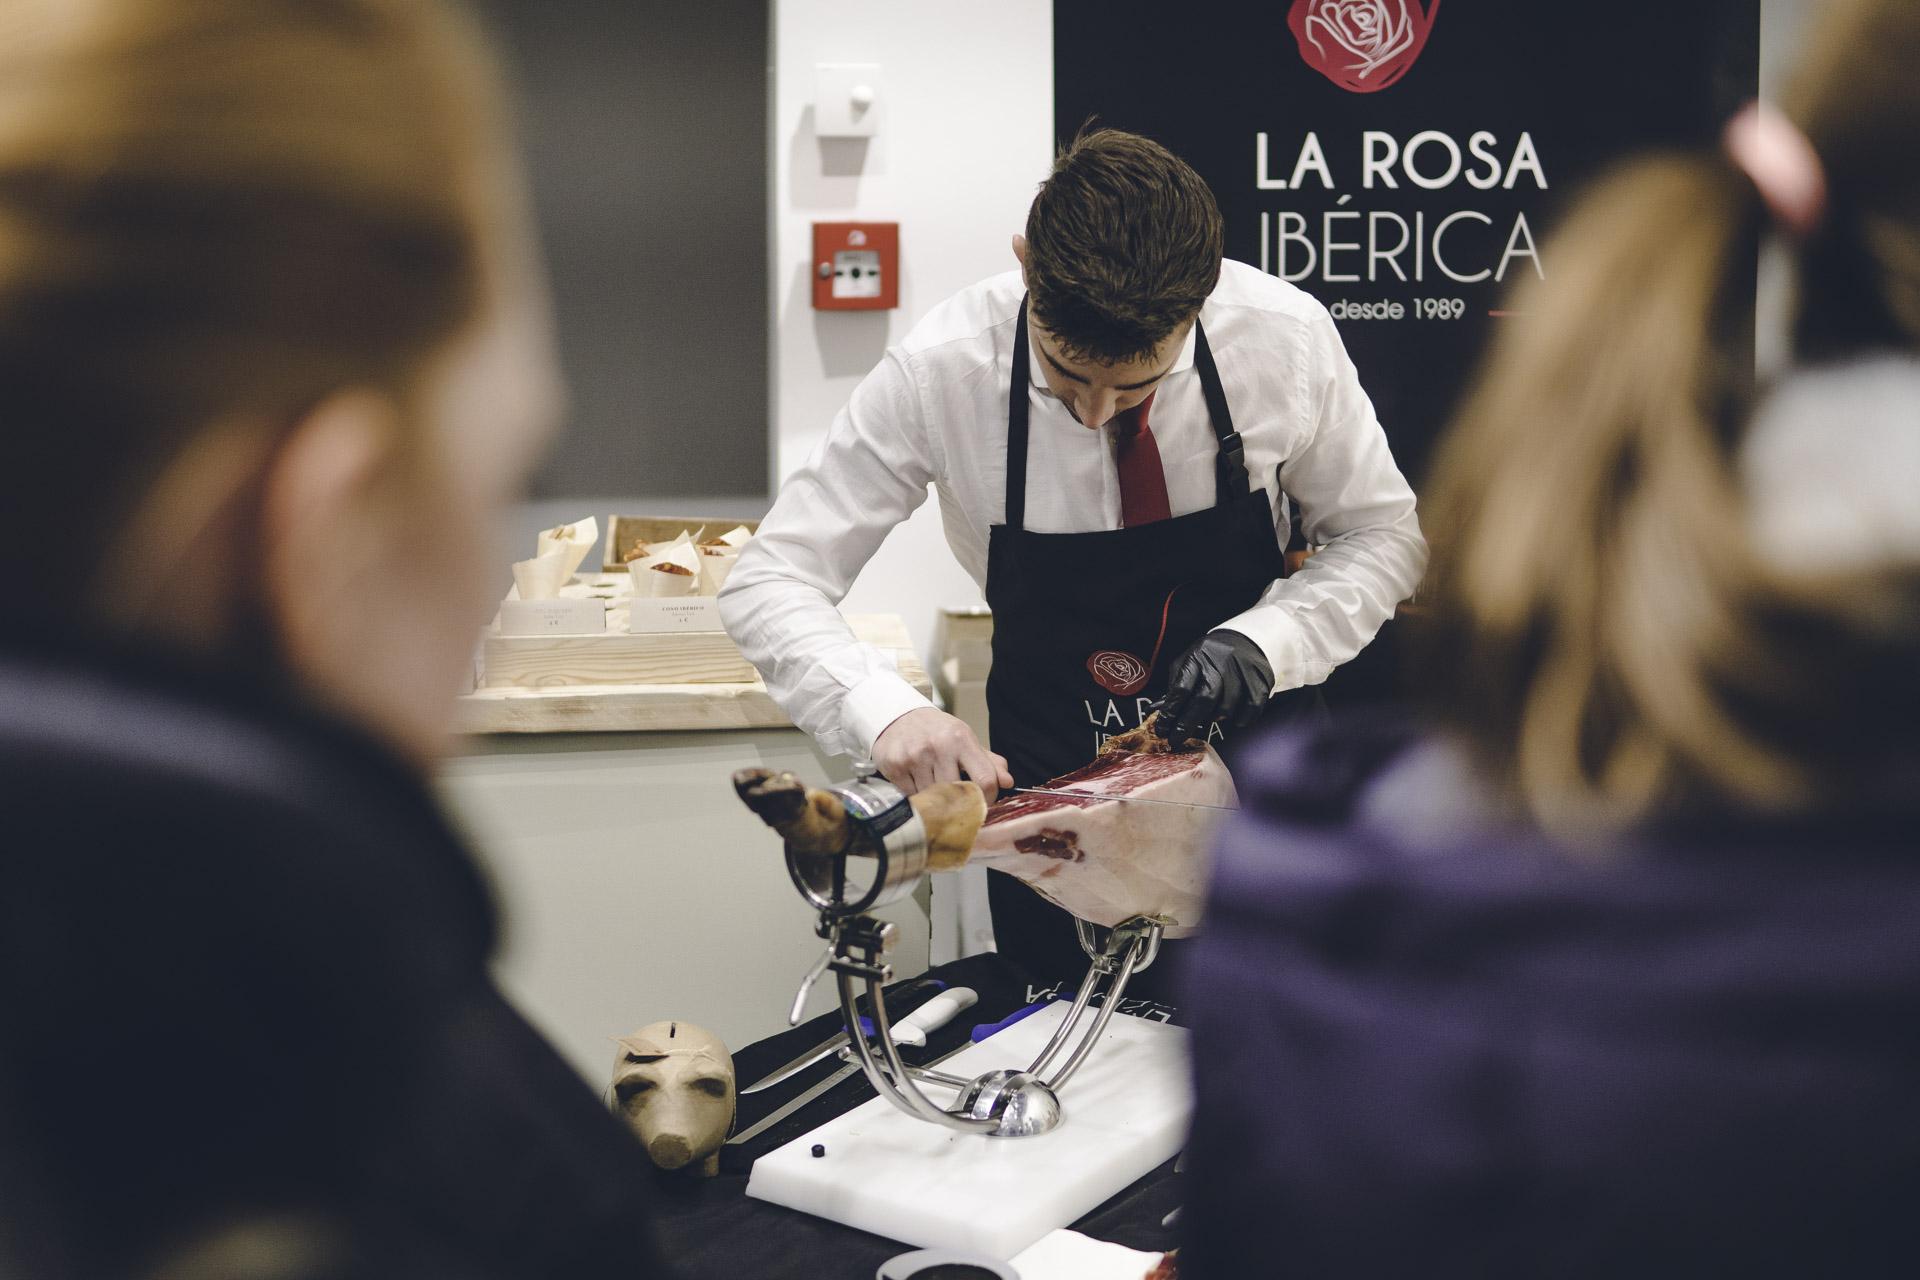 Eventfoto eines spanischen Koches